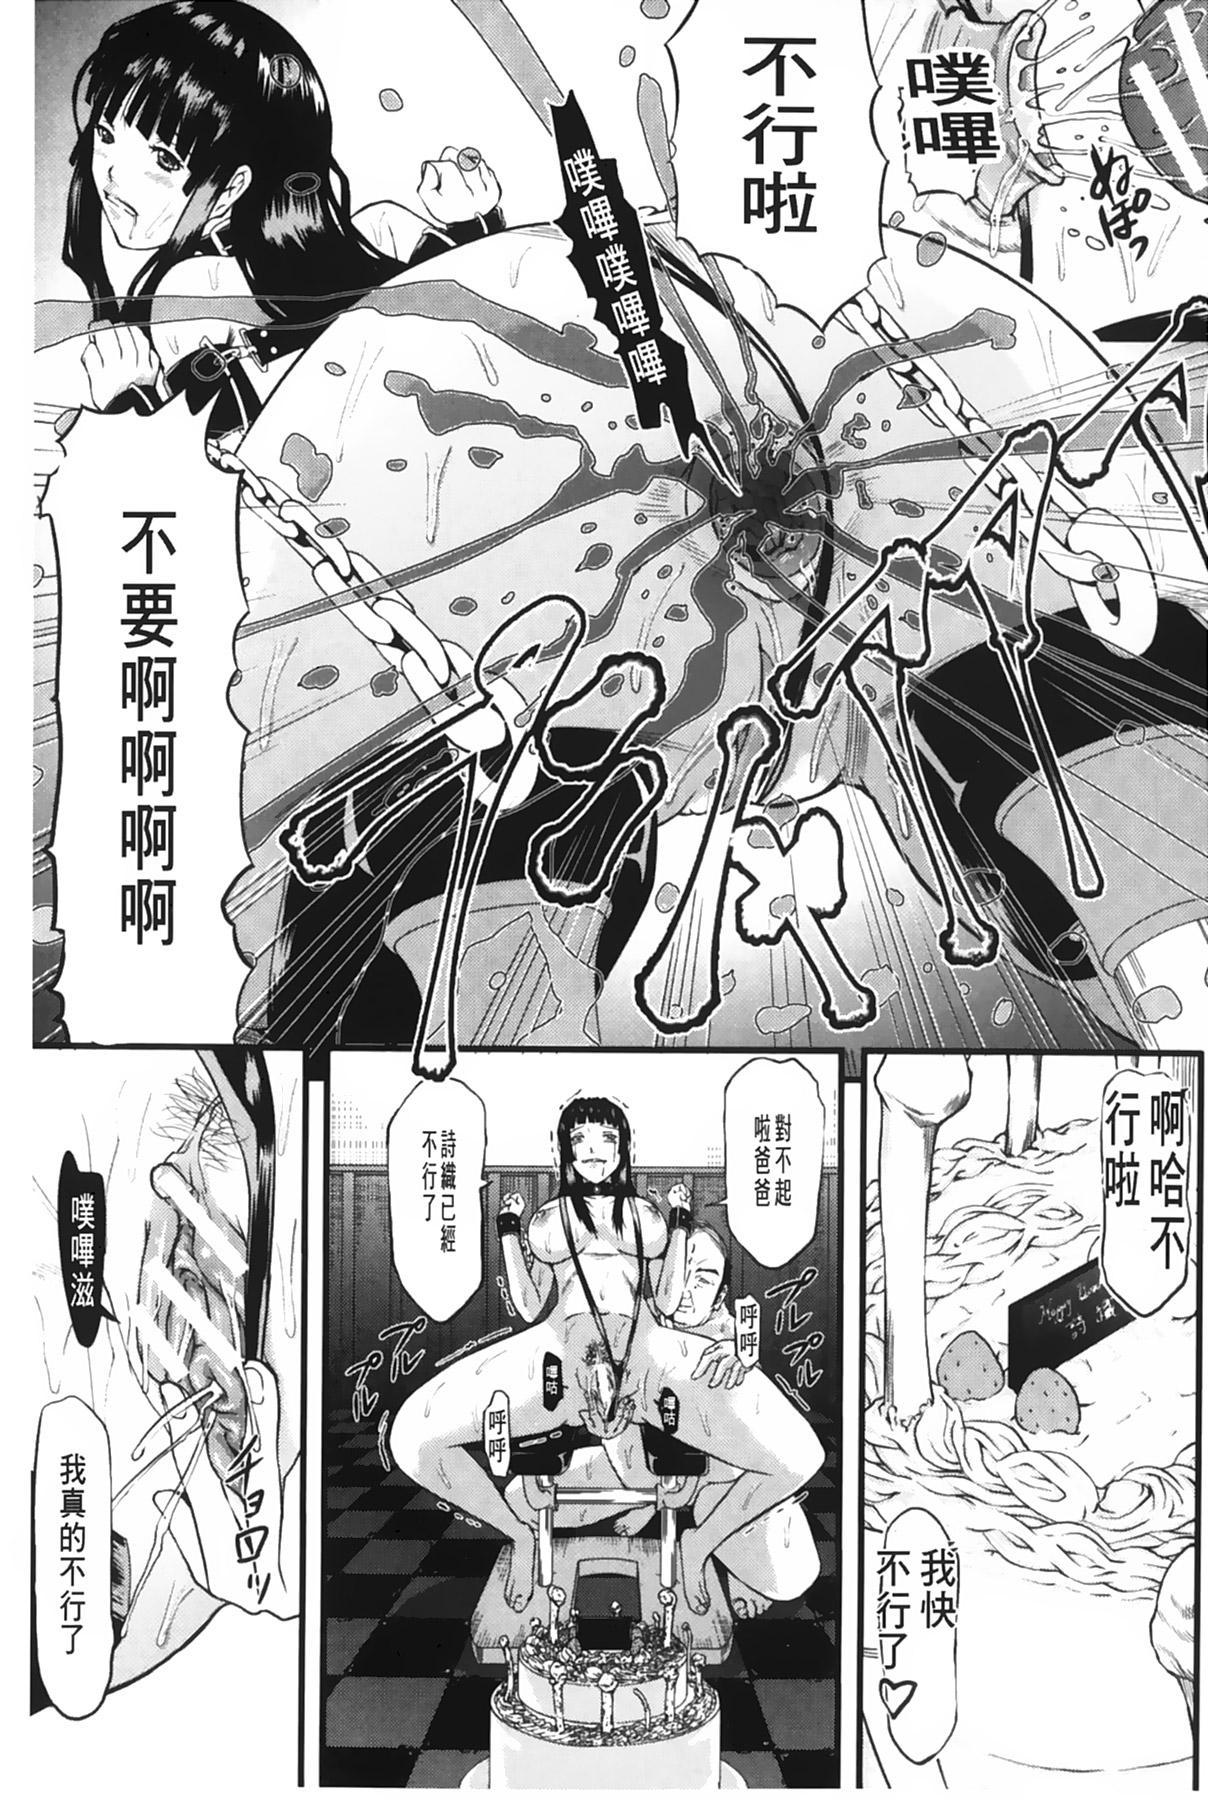 [Honebuto Danshaku] Onna Jigoku Niku no Tsubo~Hentai Rui Inran Ka Mesu Buta Ichidaiki~ | 女地獄、肉之壺 ~変態類淫乱科淫母豬一代記~ [Chinese] 211